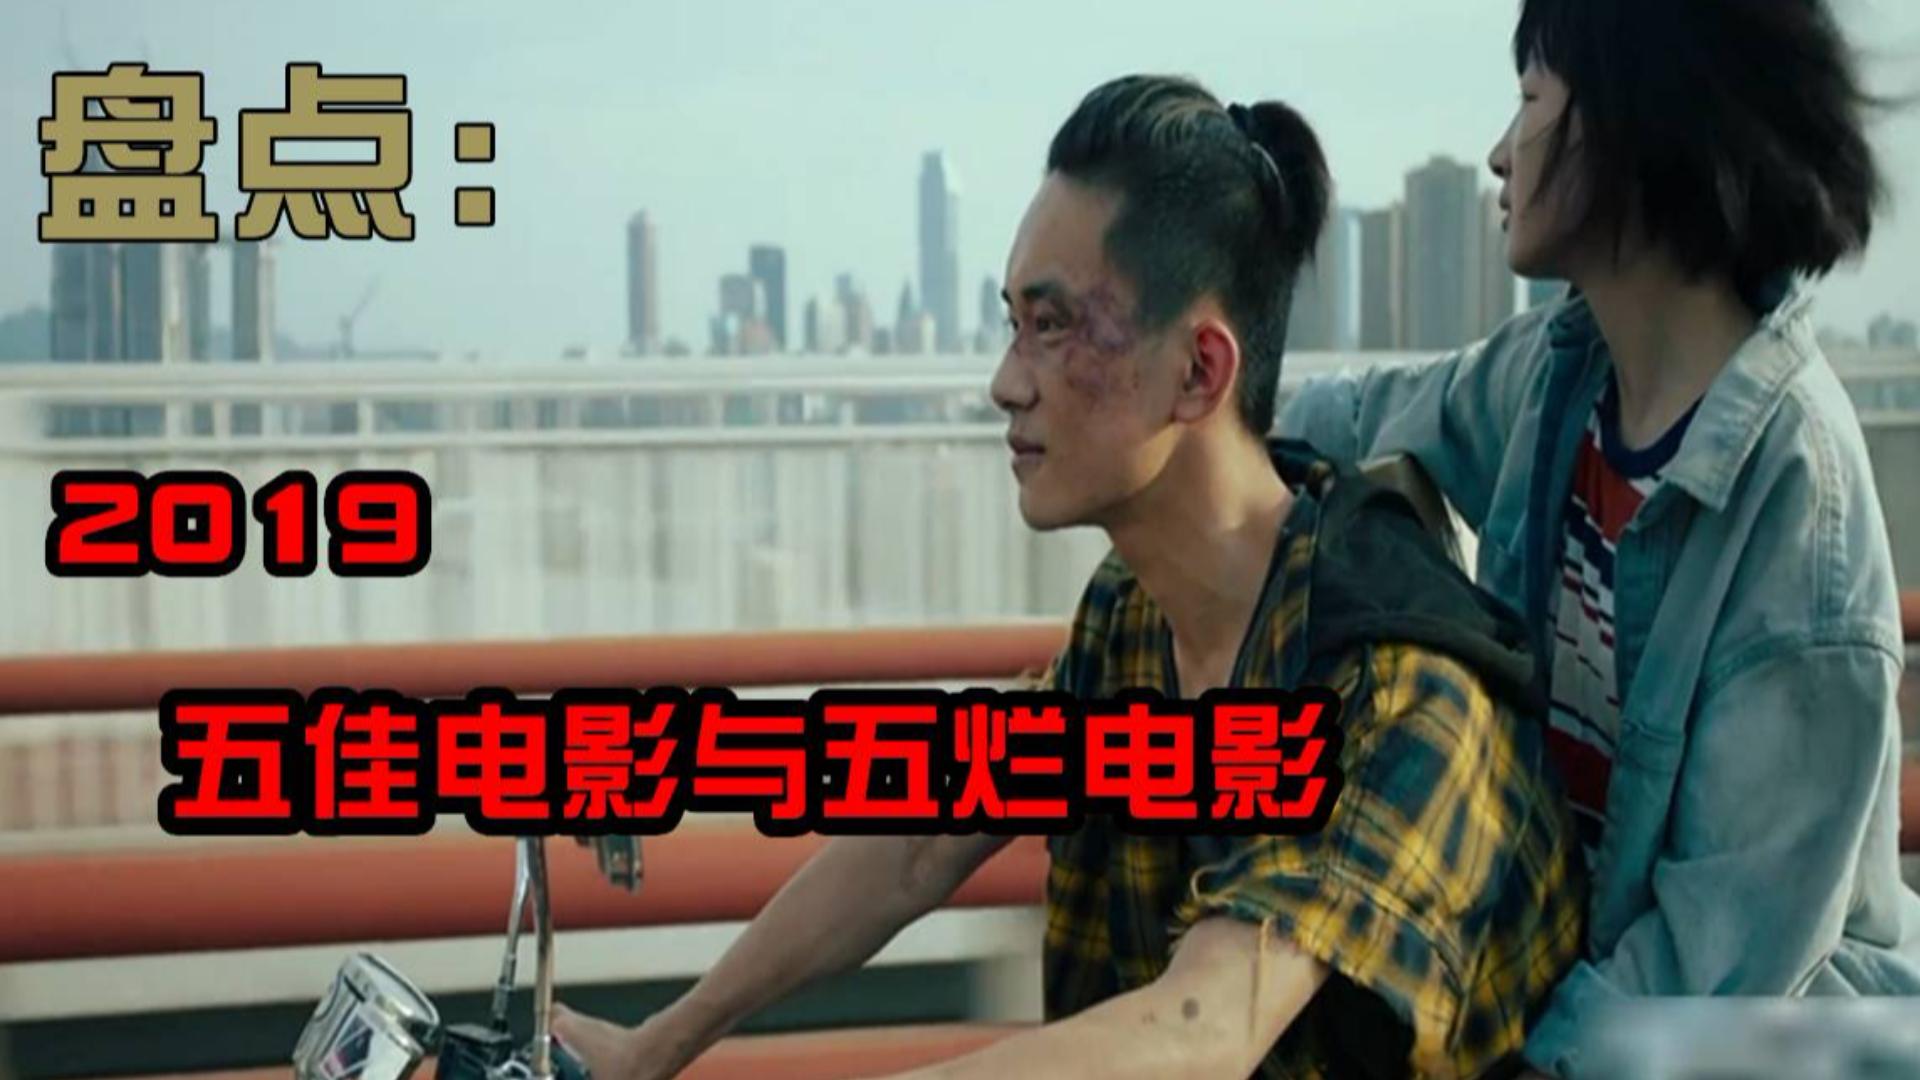 盘点2019五佳与五烂电影,新喜剧之王也是烂片!切勿对号入座!